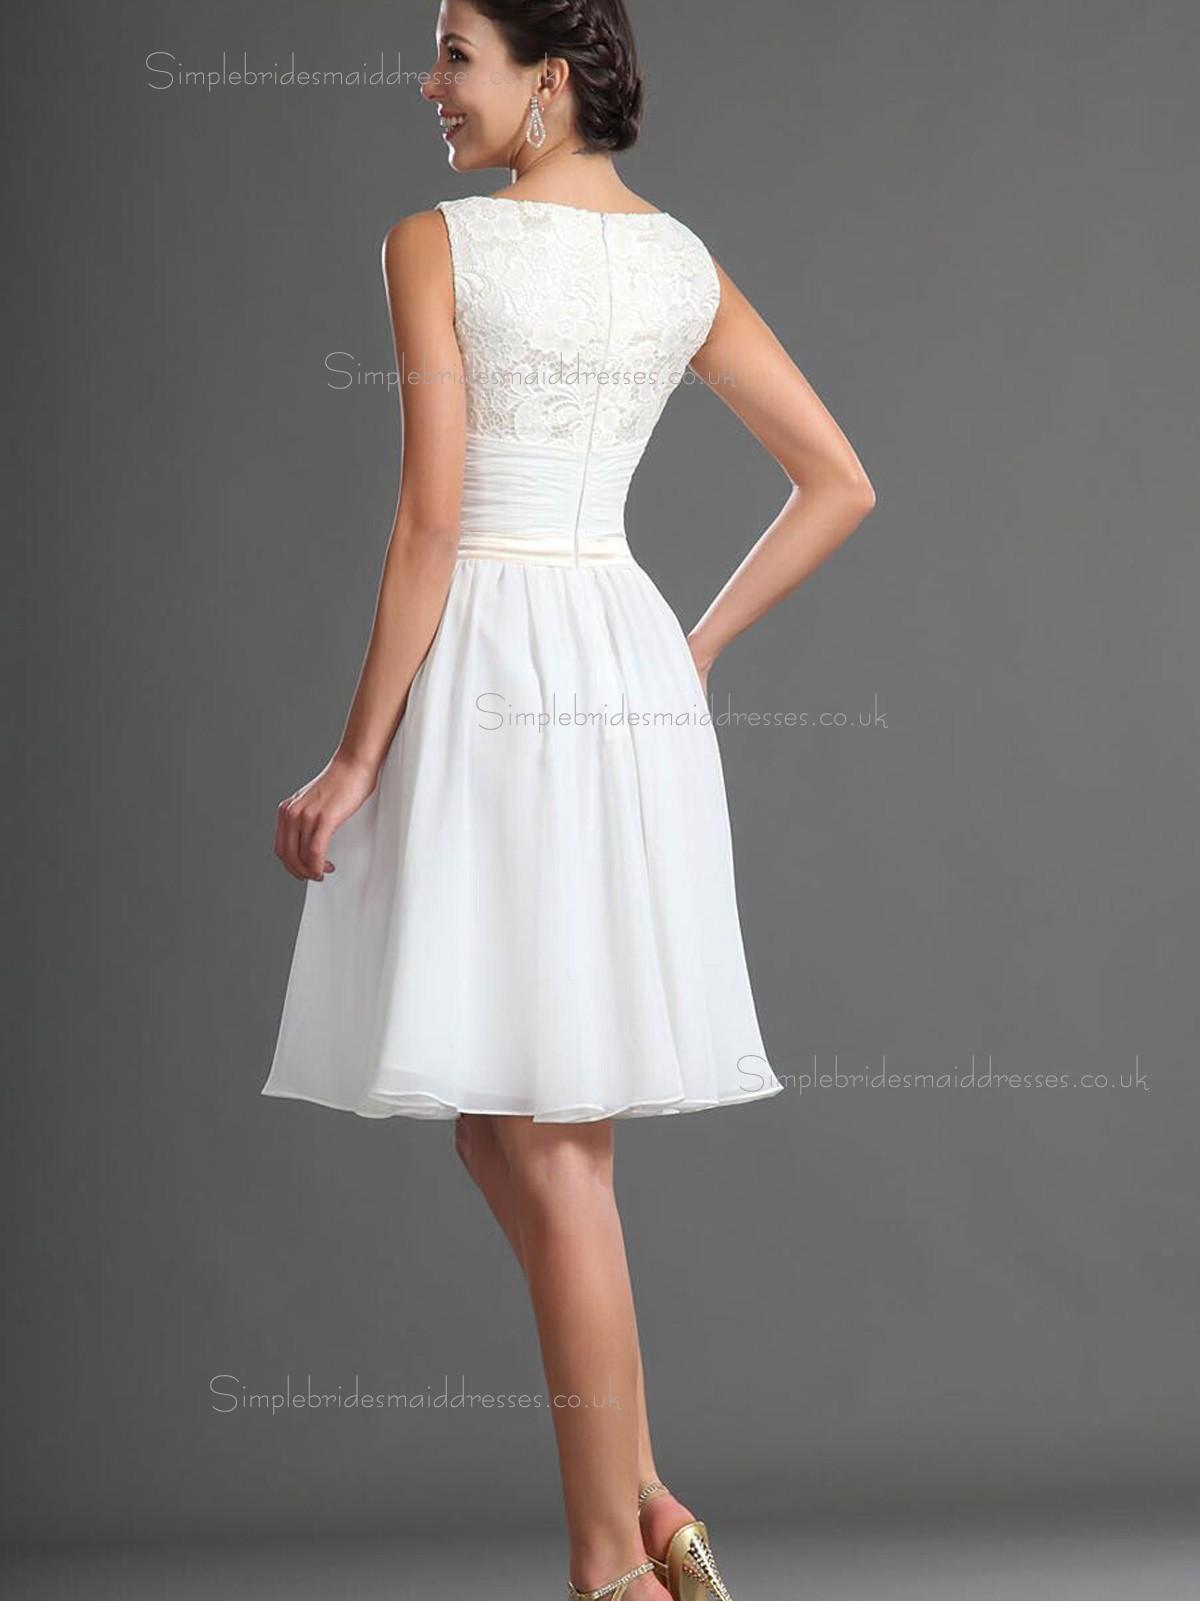 Best White Knee Length Bridesmaid Dress Sbmd E 1001